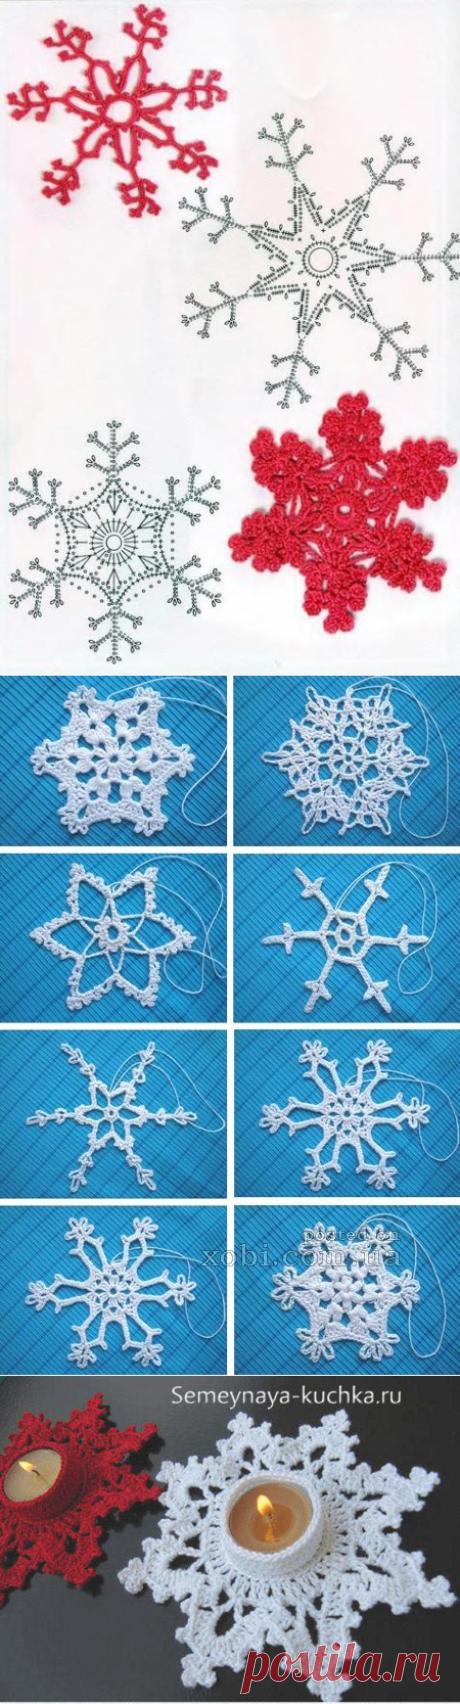 La búsqueda sobre el Postlimo: los copos de nieve tejidos